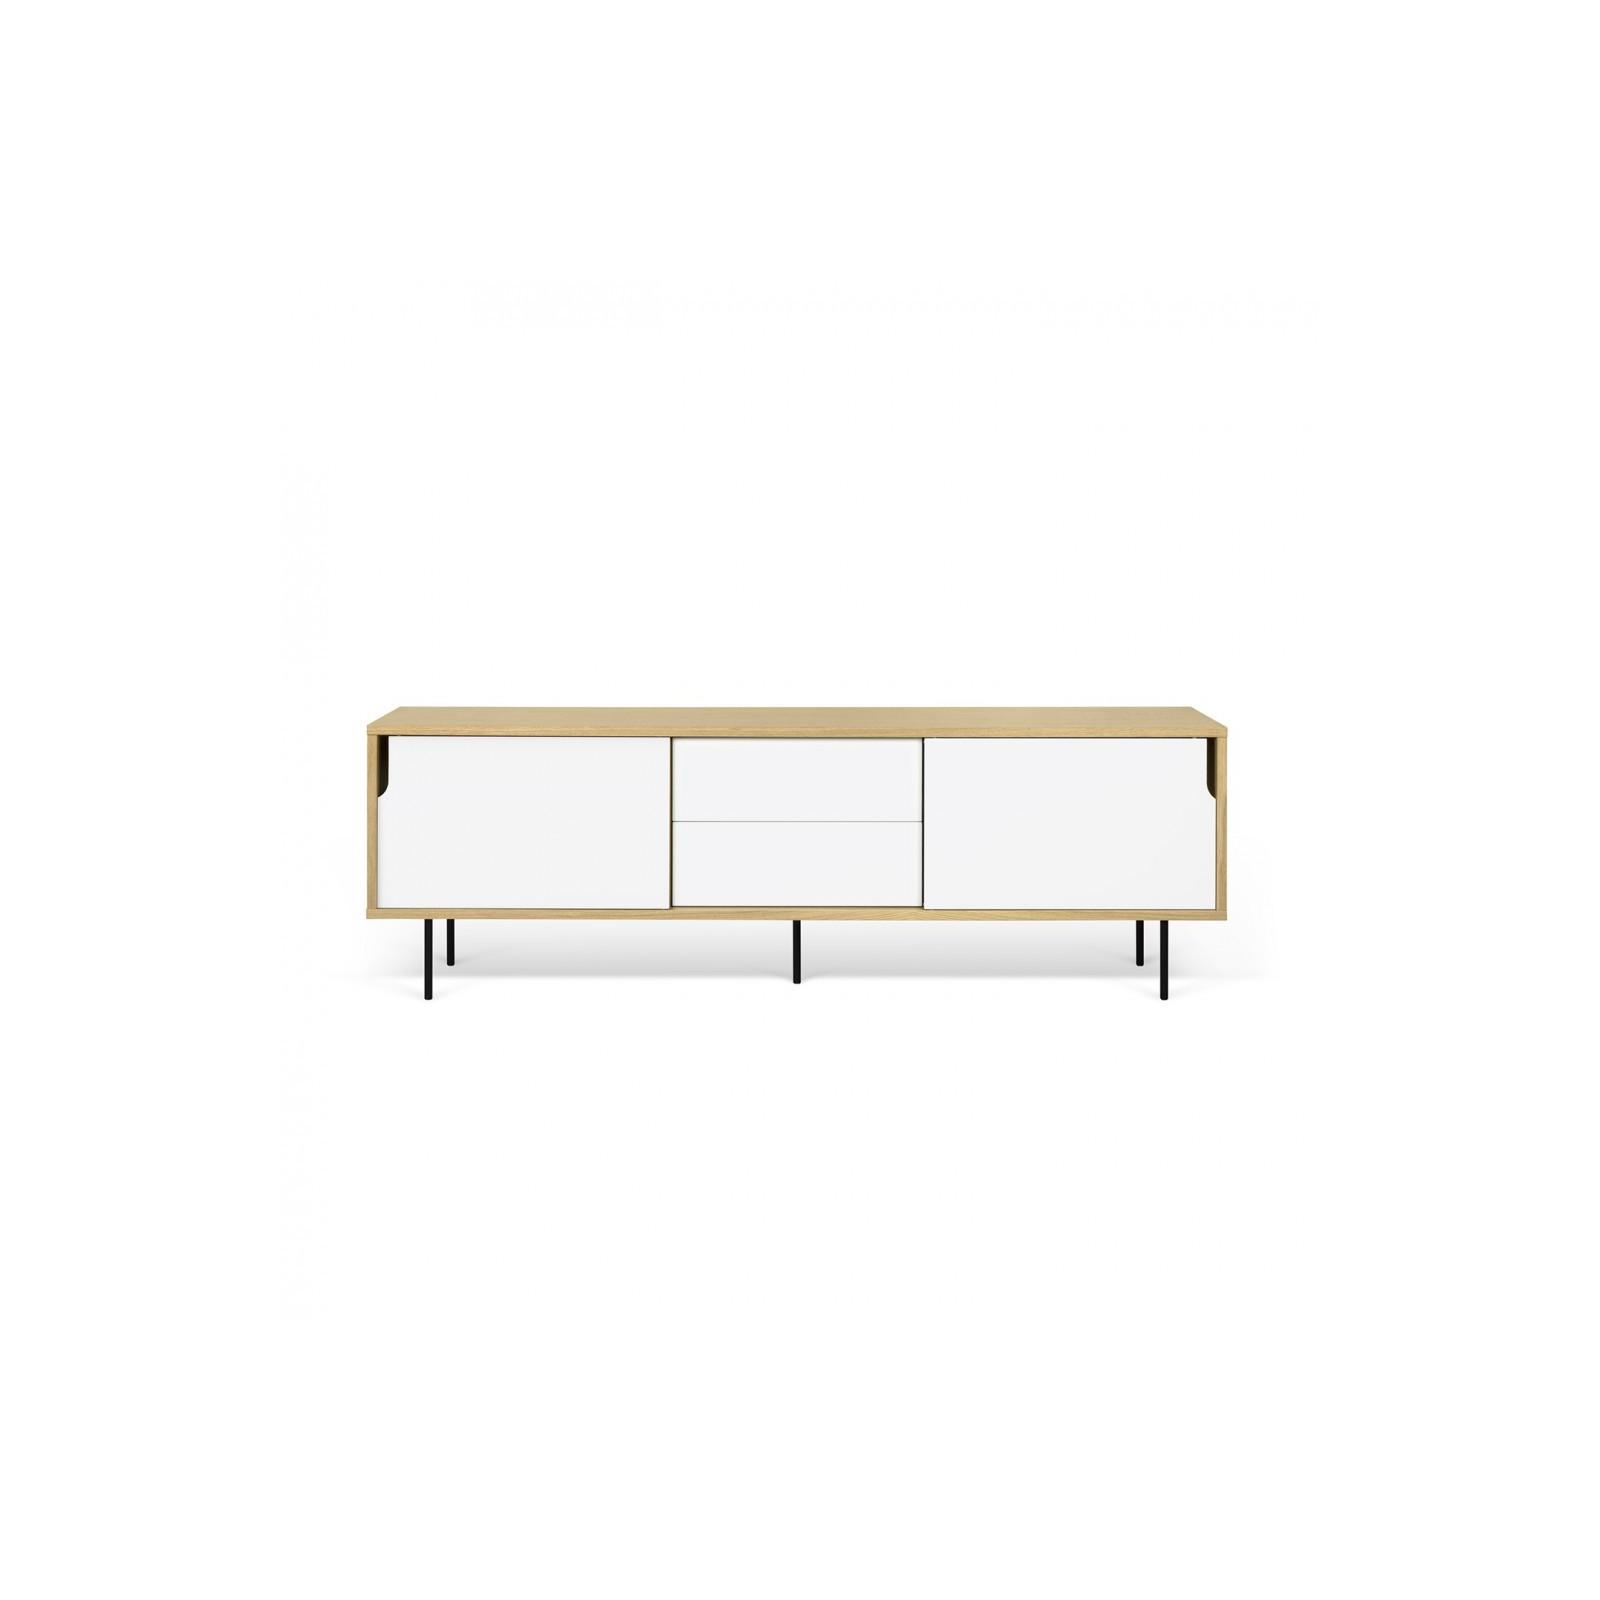 meuble tv danois blanc et bois - Meuble Danois